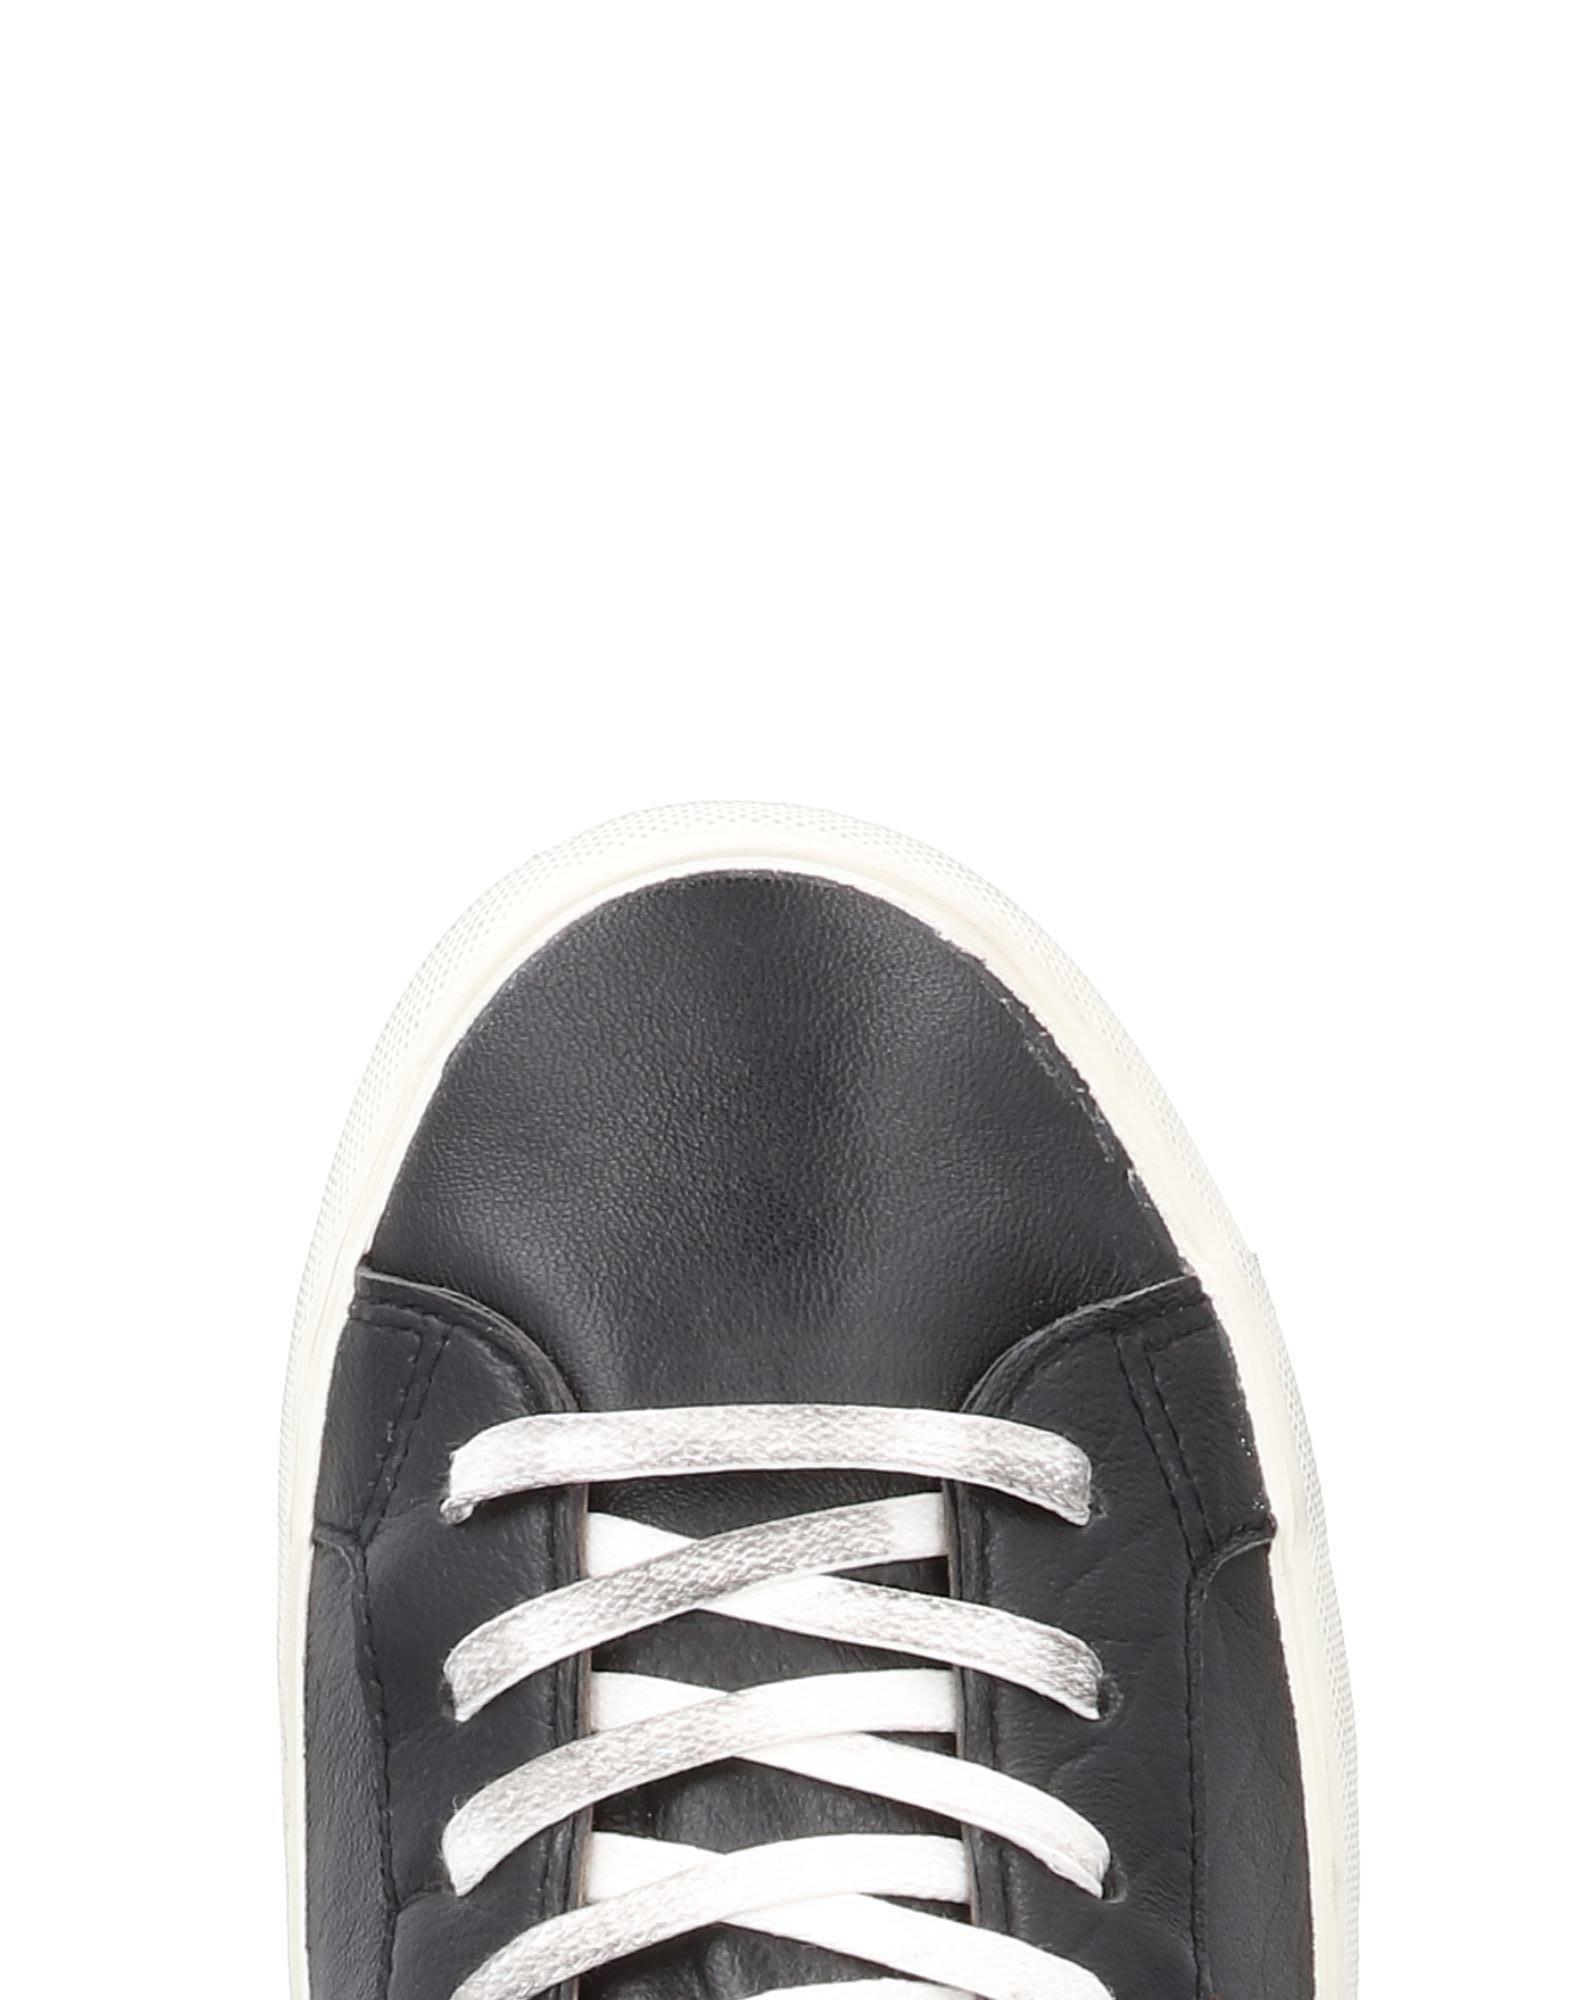 11482438UR D.A.T.E. Sneakers Herren  11482438UR  Heiße Schuhe a5c586